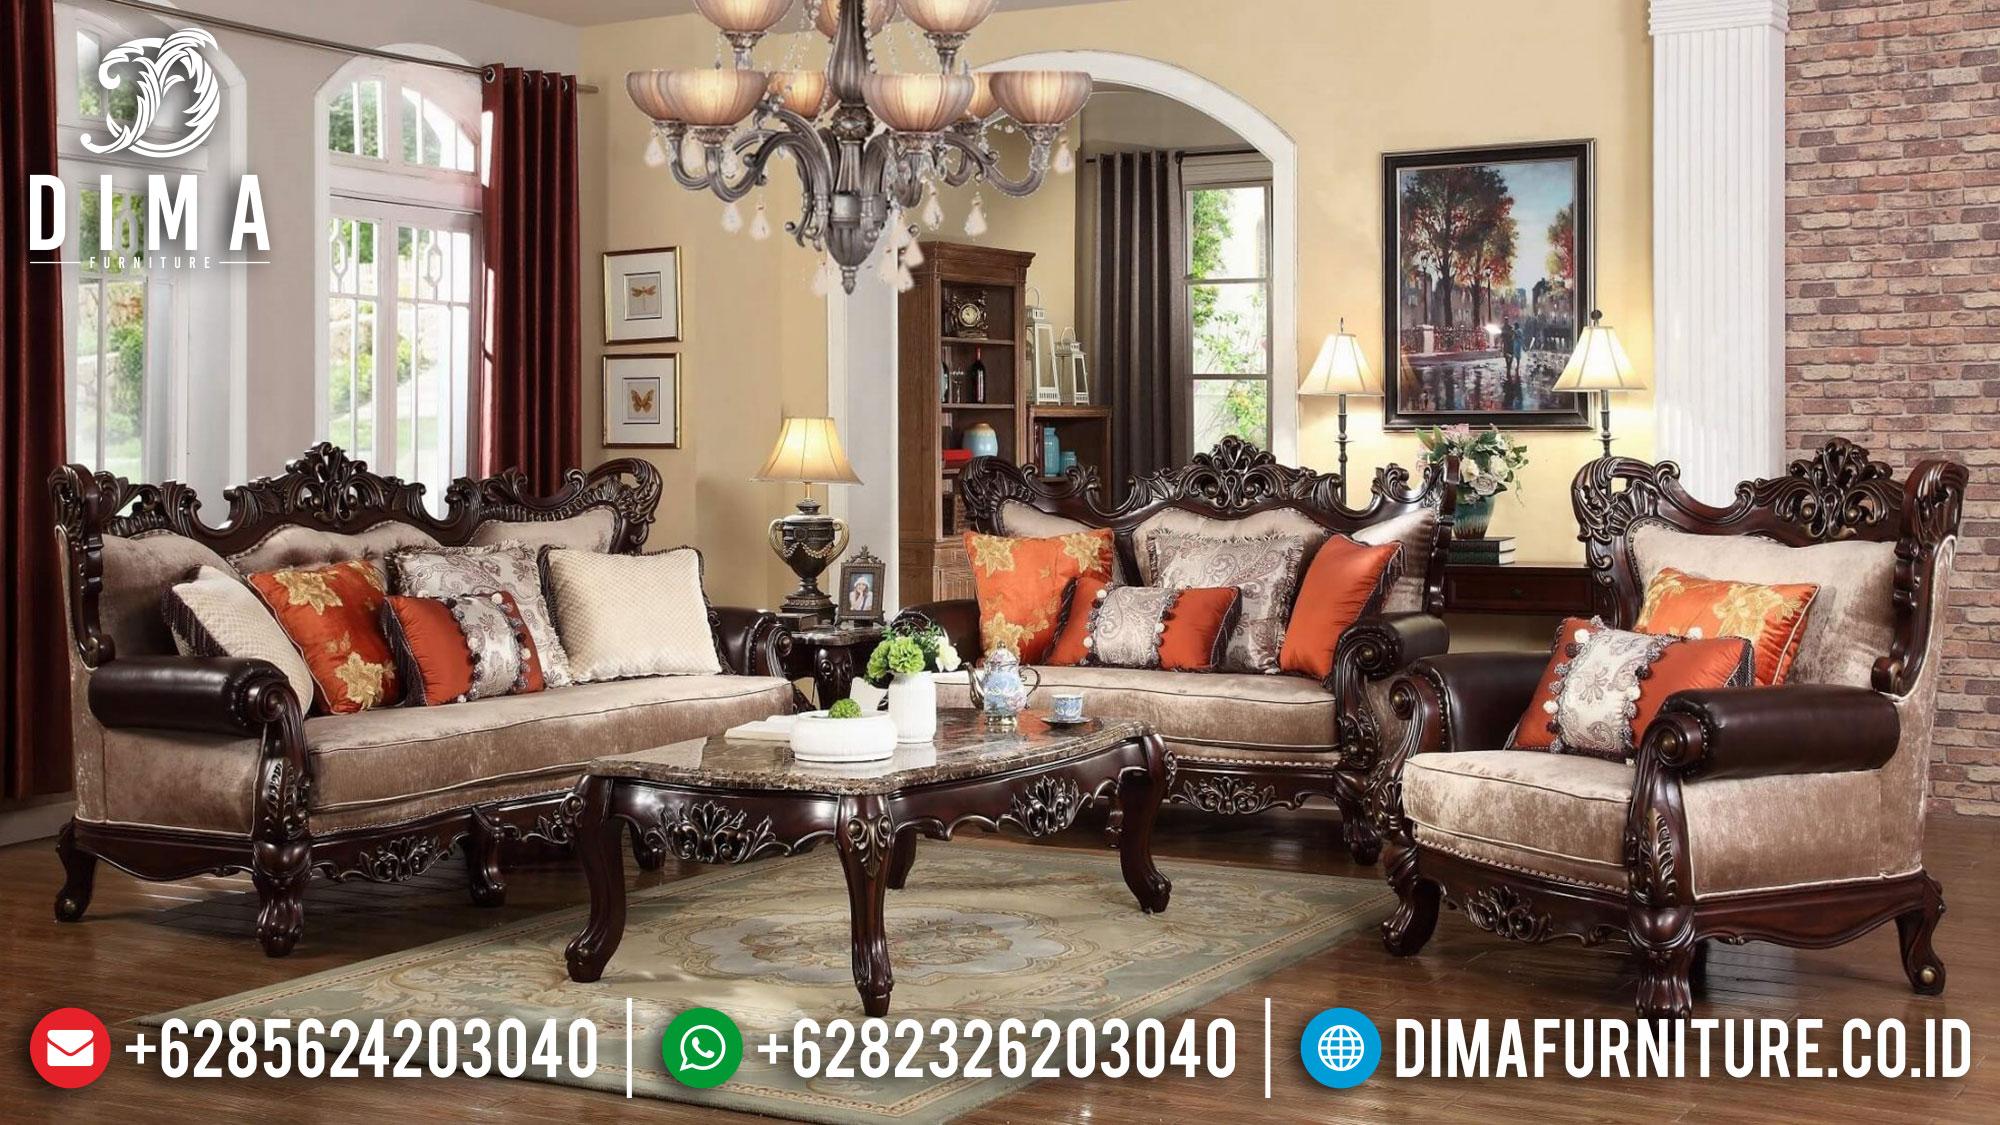 Harga Sofa Tamu Jati Mewah Klasik Natural Luxury Kayu Perhutani TTJ-1521